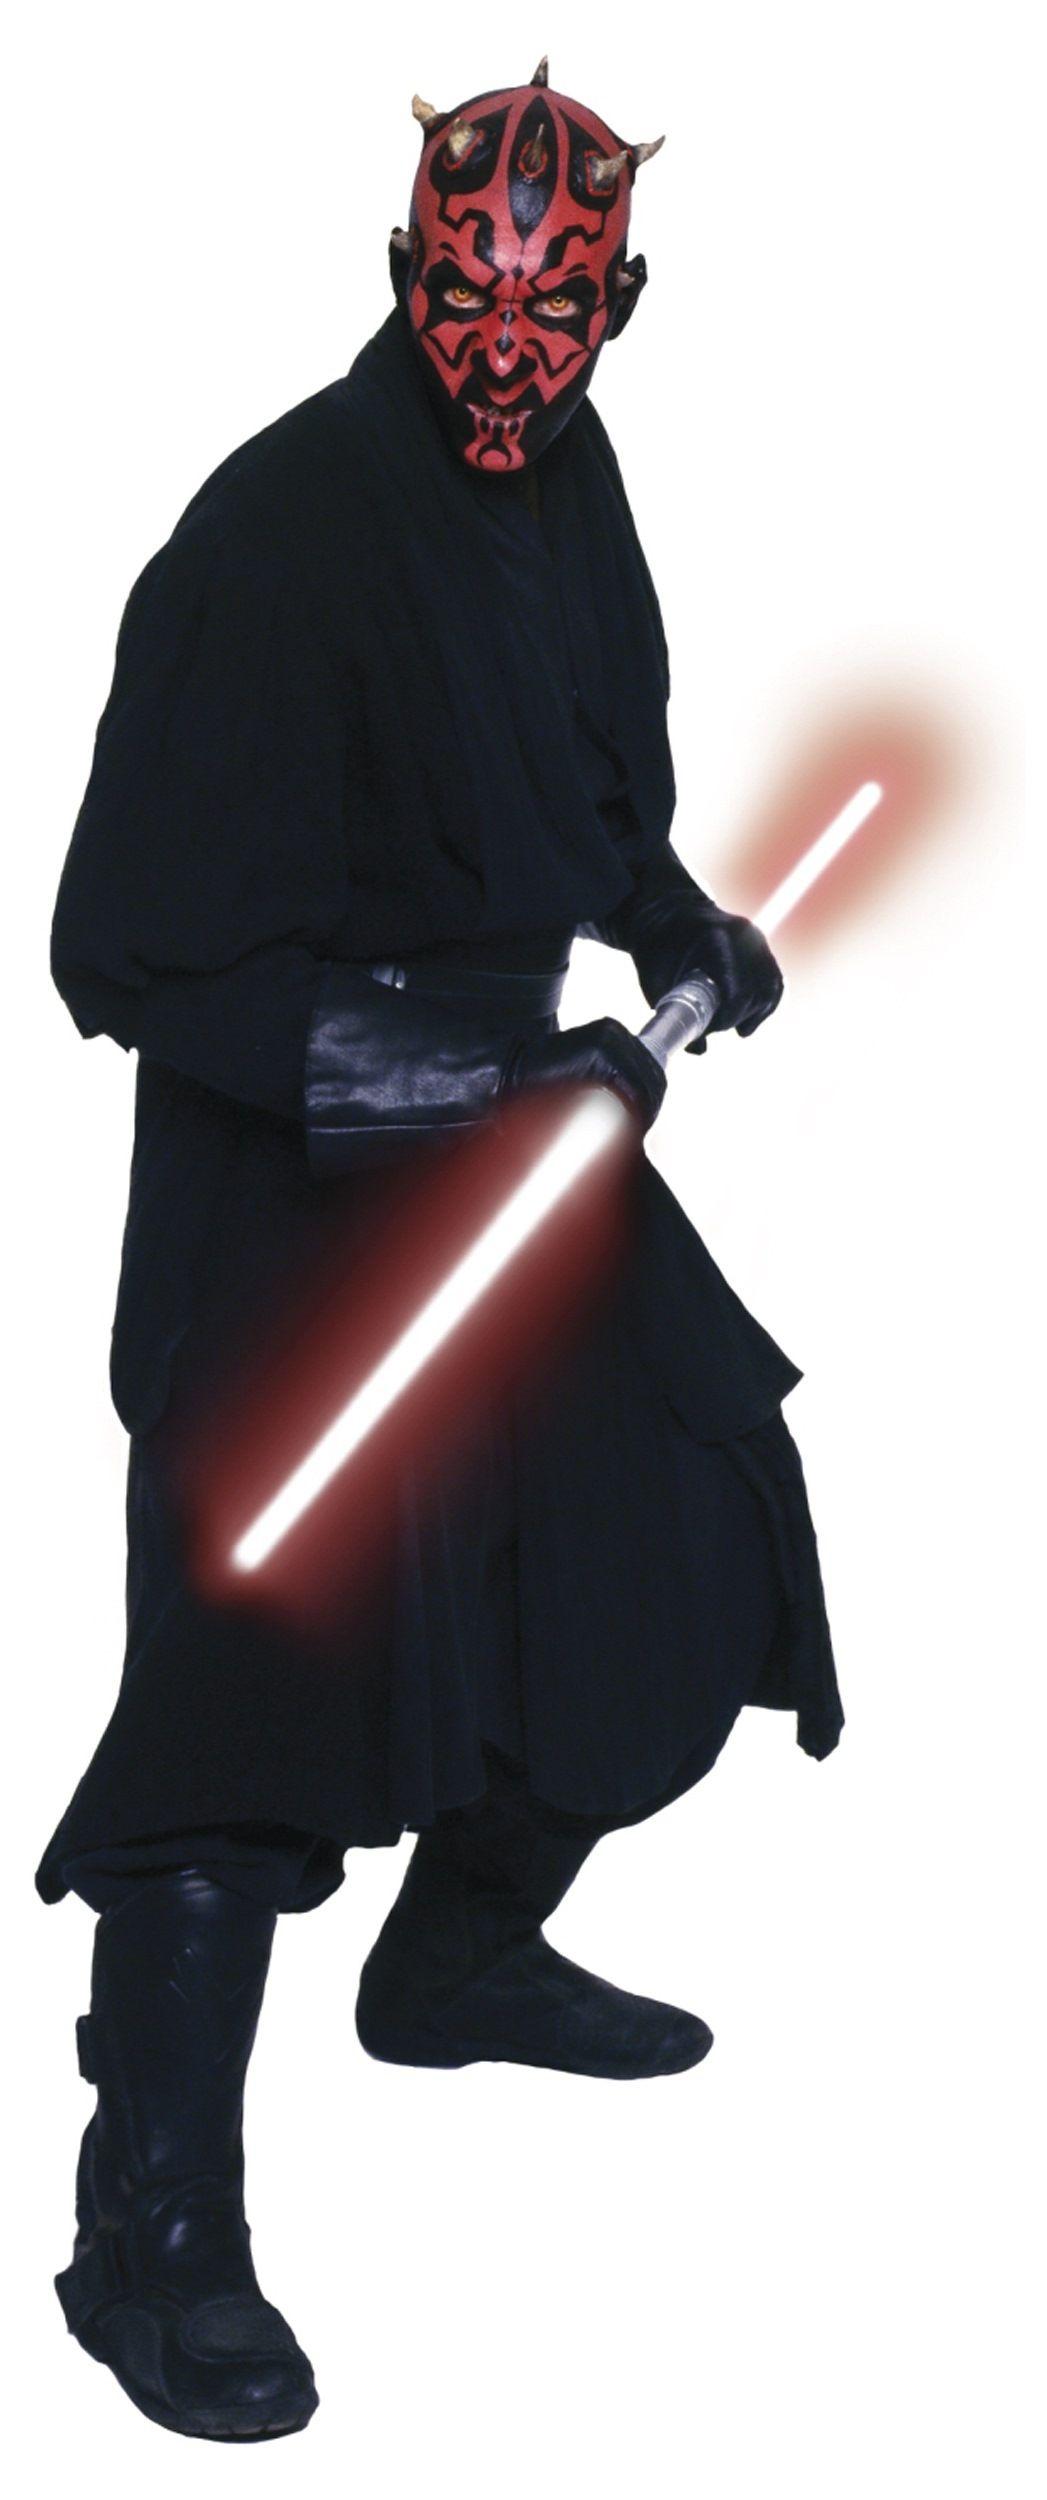 Darth Maul Star Wars Episodes Star Wars Star Wars 1977